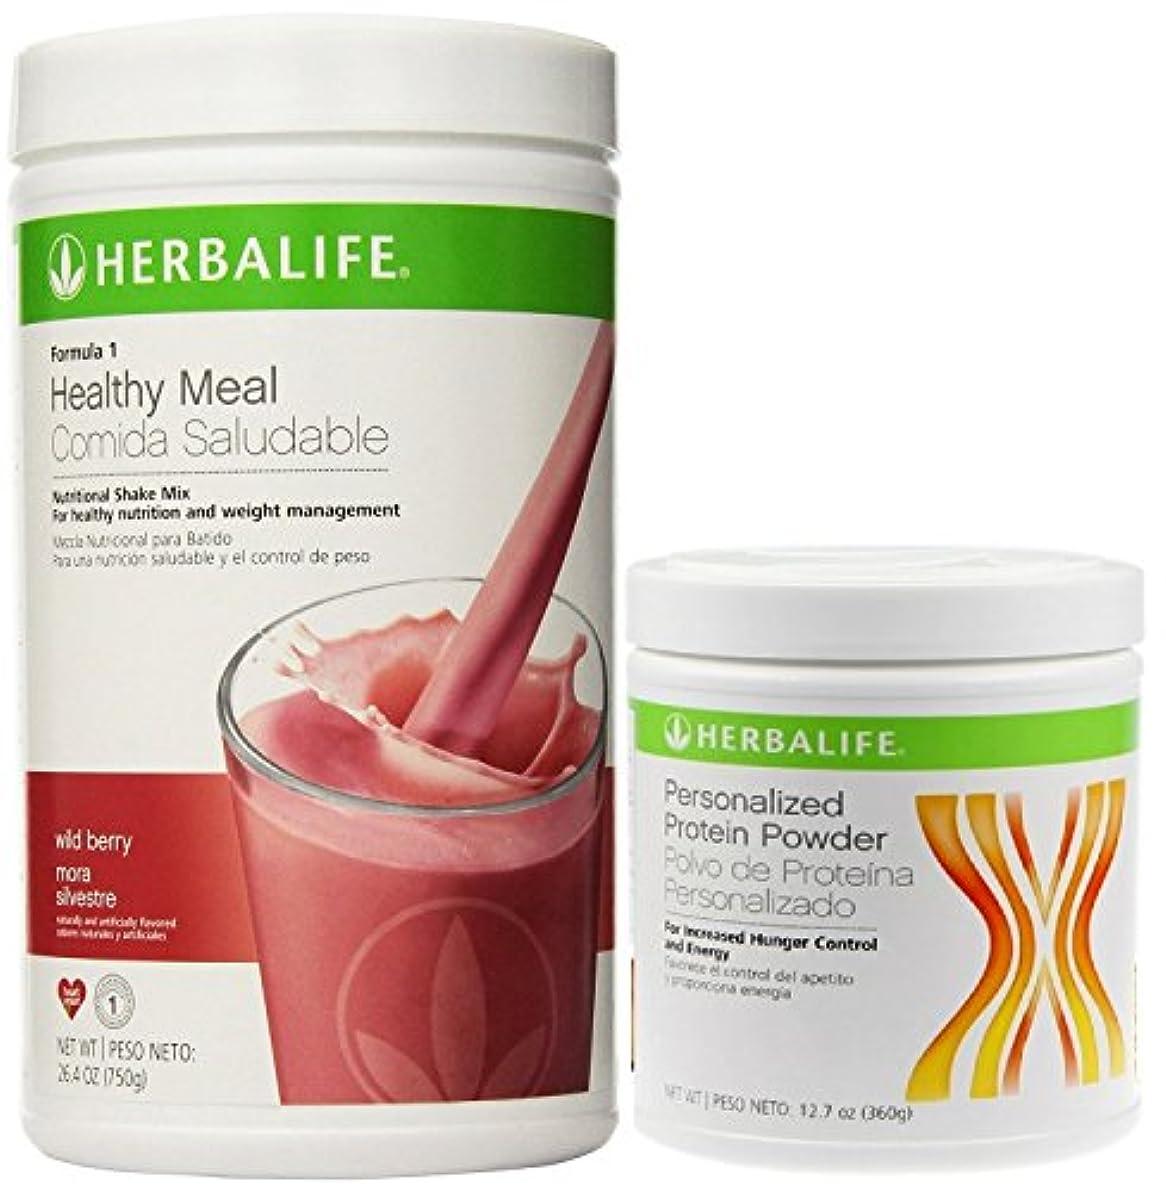 バイソン証書羽Herbalifeフォーミュラ1 Shake mix-wildベリー( 750g ) +式2 Personalized Protein Powder ( PPP ) -360g Unflavoured。